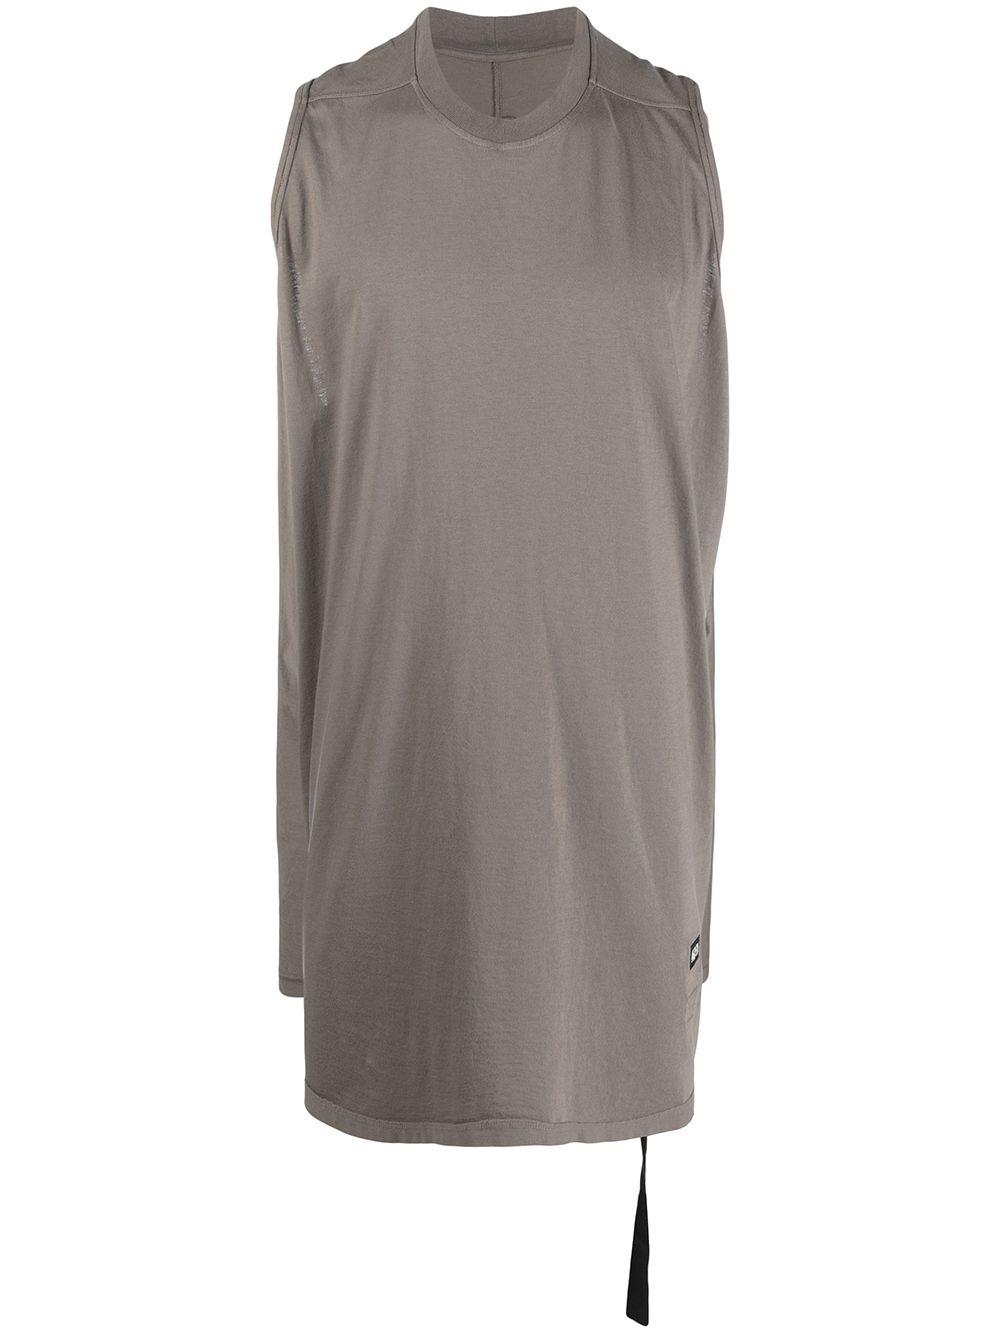 BASIC T-SHIRT RICK OWENS DRKSHDW | T-shirts | DU21S2154 RN34